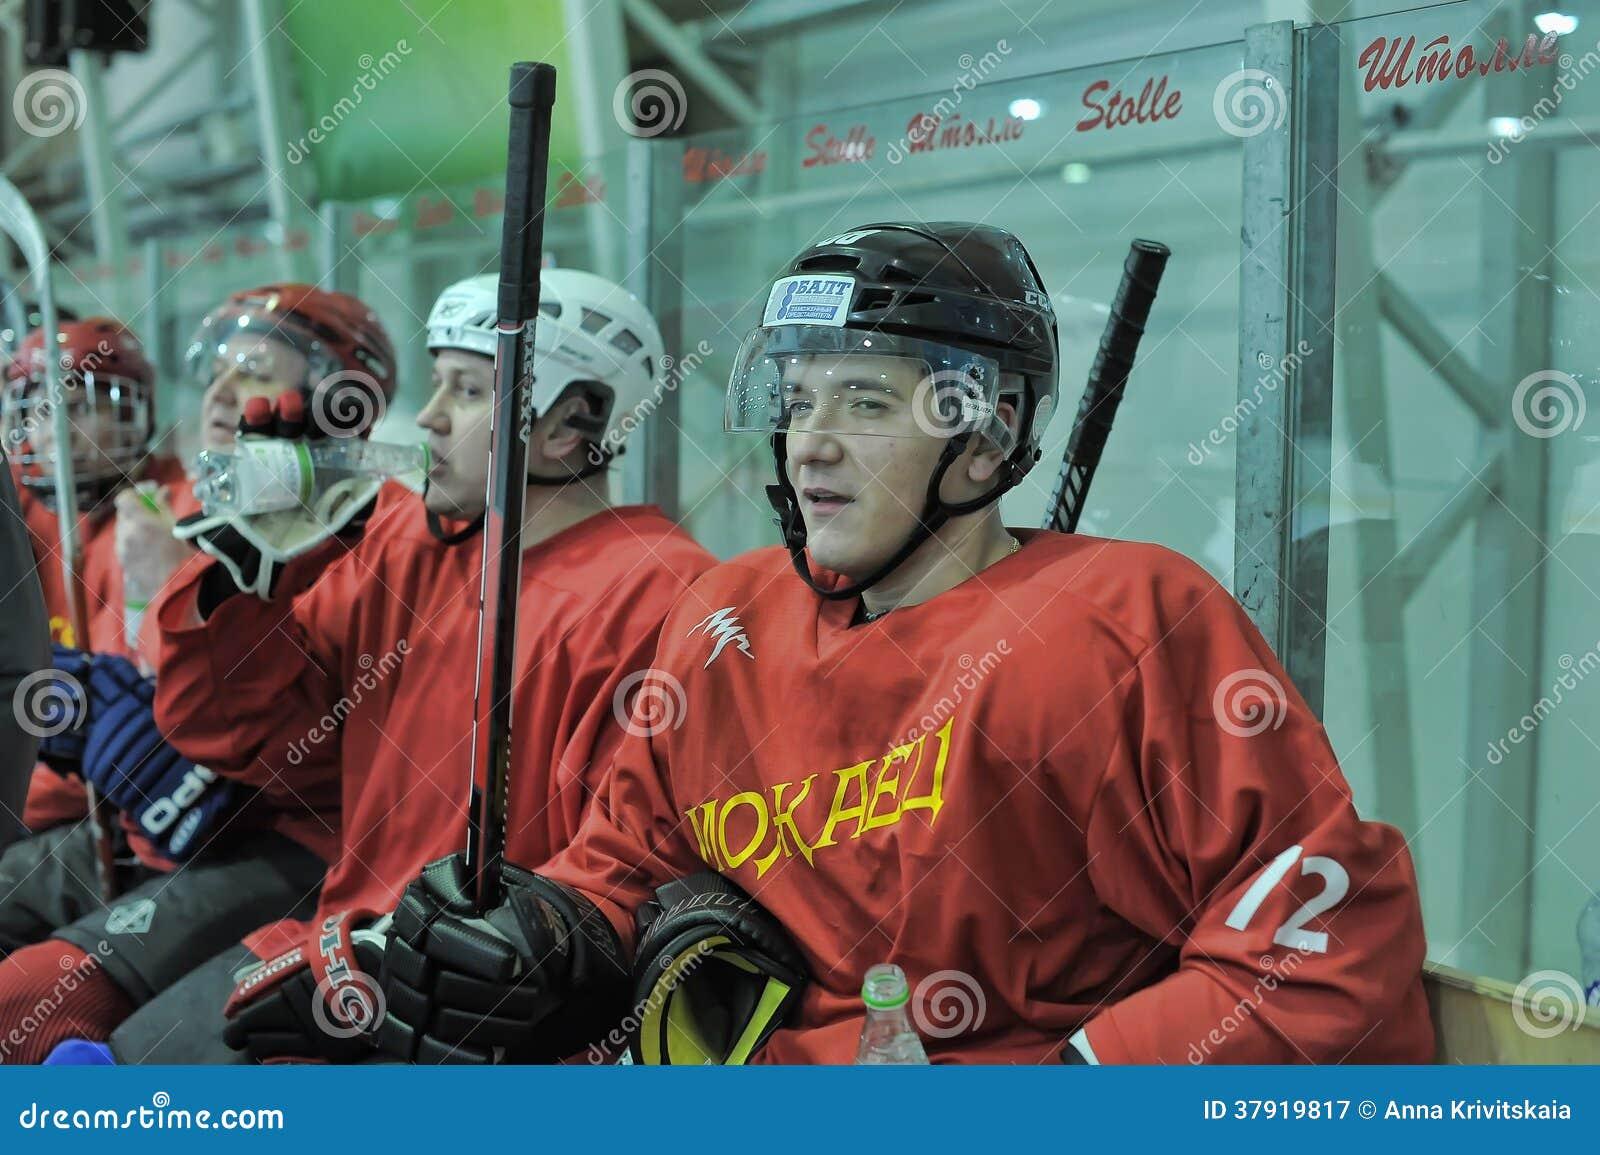 Hockeylek